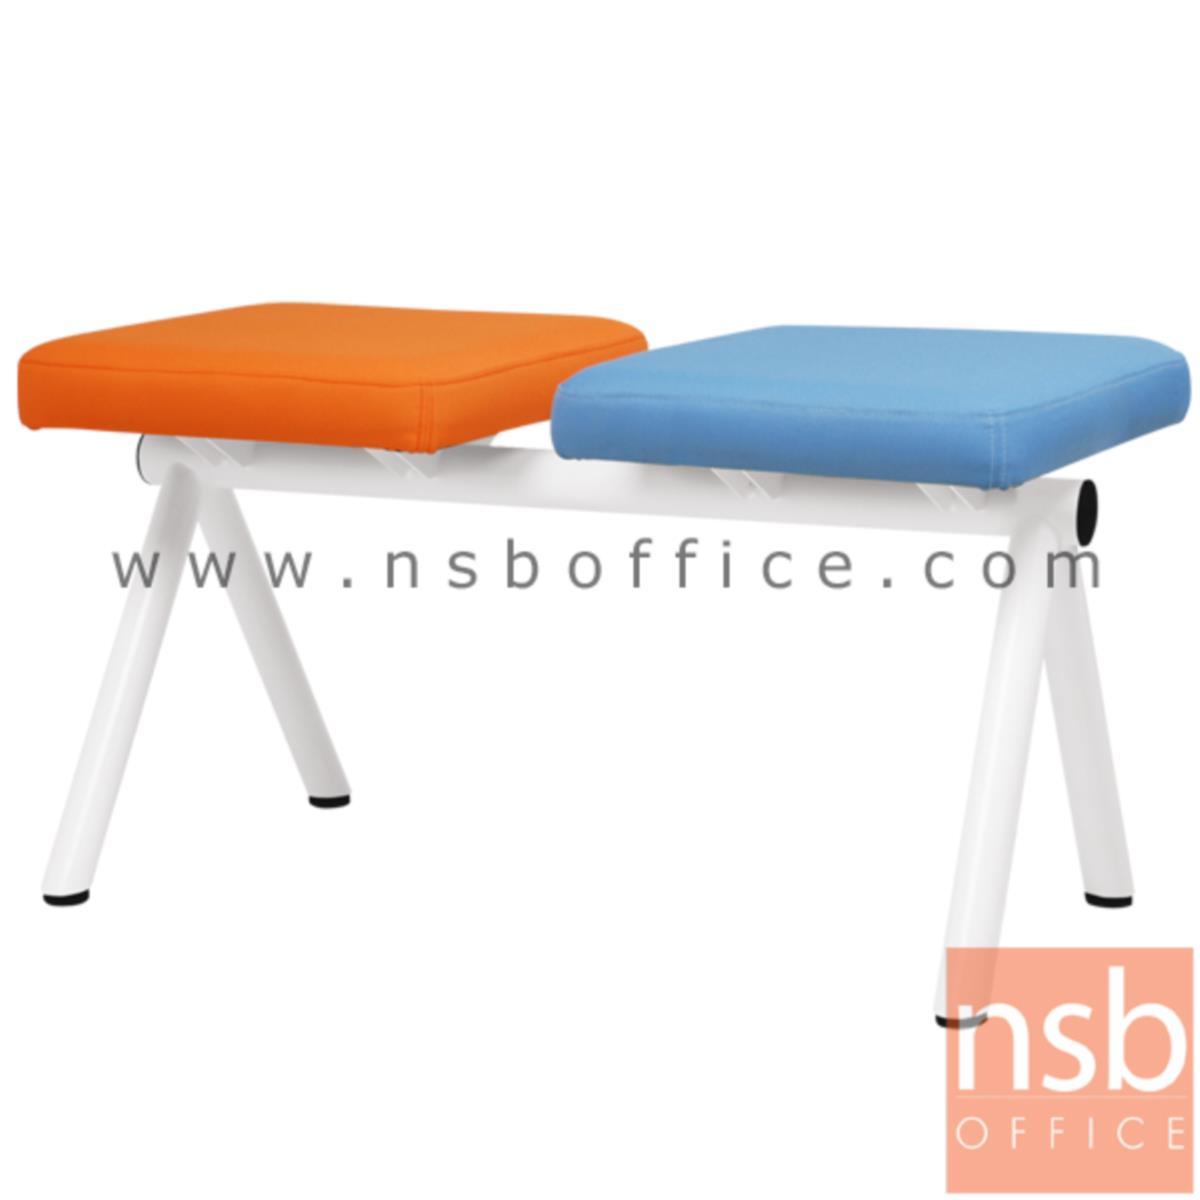 B06A129:เก้าอี้นั่งคอยหุ้มหนังเทียม รุ่น CL-UM   2 ,3 ,4 ที่นั่ง ขนาด 88W ,140W ,188W cm. ไม่มีพนักพิง ขาเหล็ก